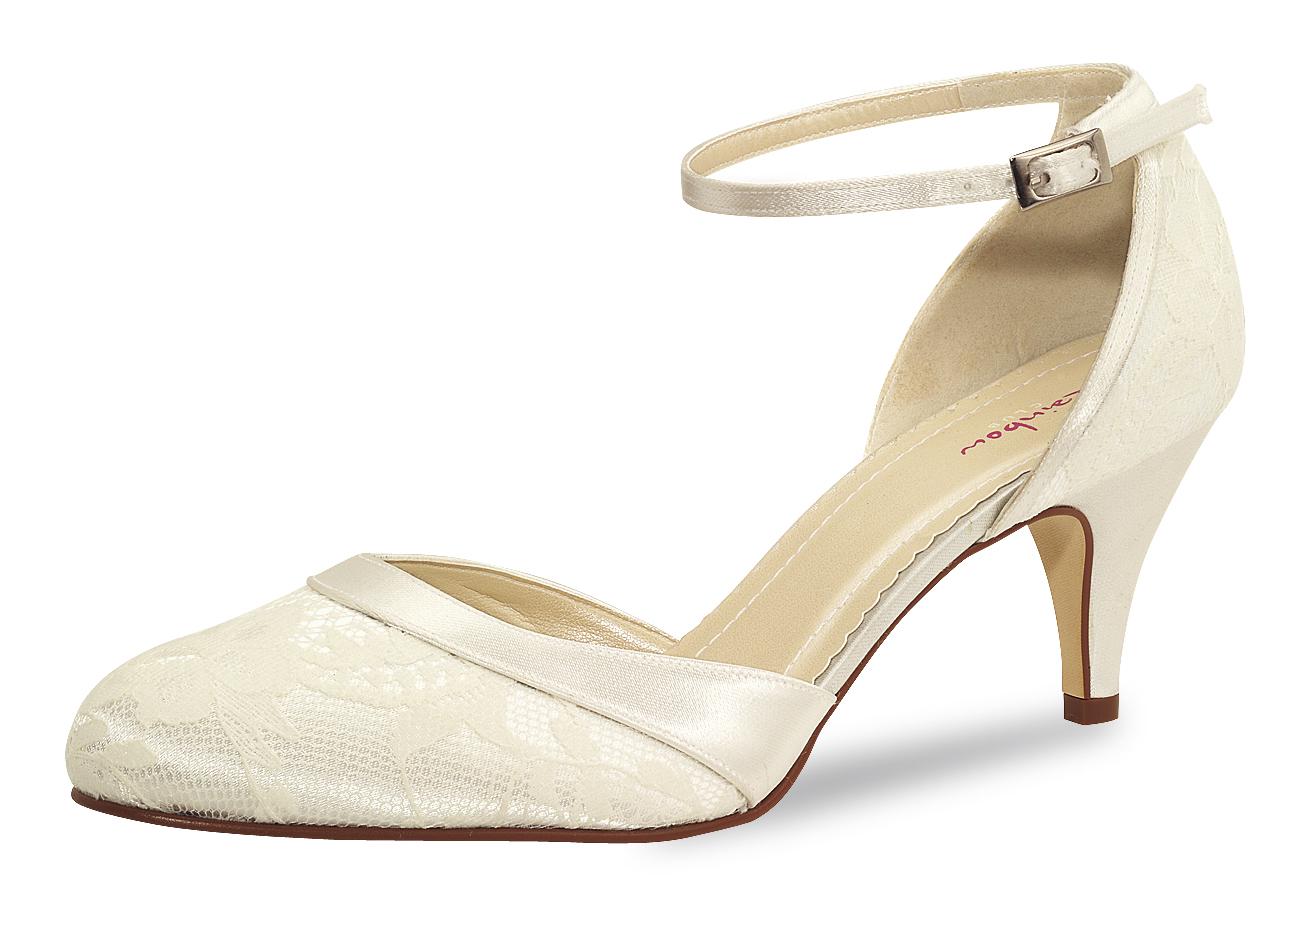 Elsa Coloured Shoes: Penny